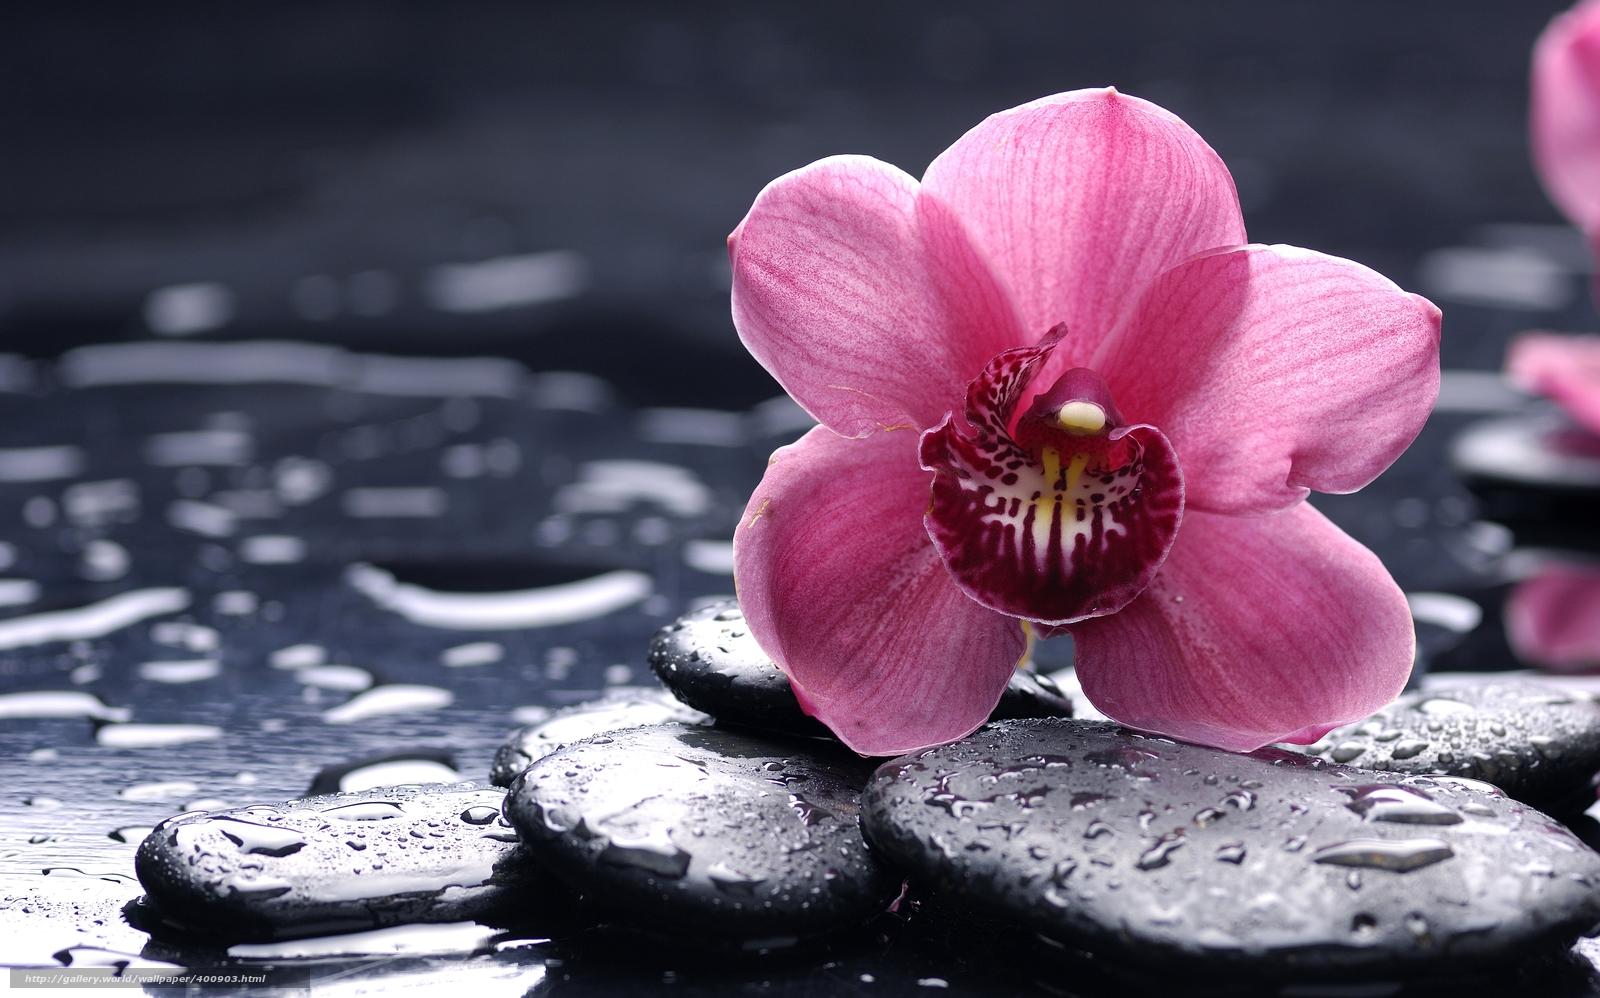 Wallpaper orchidee steine  Download Hintergrund Orchidee, Rosa, Blume, Steine Freie desktop ...